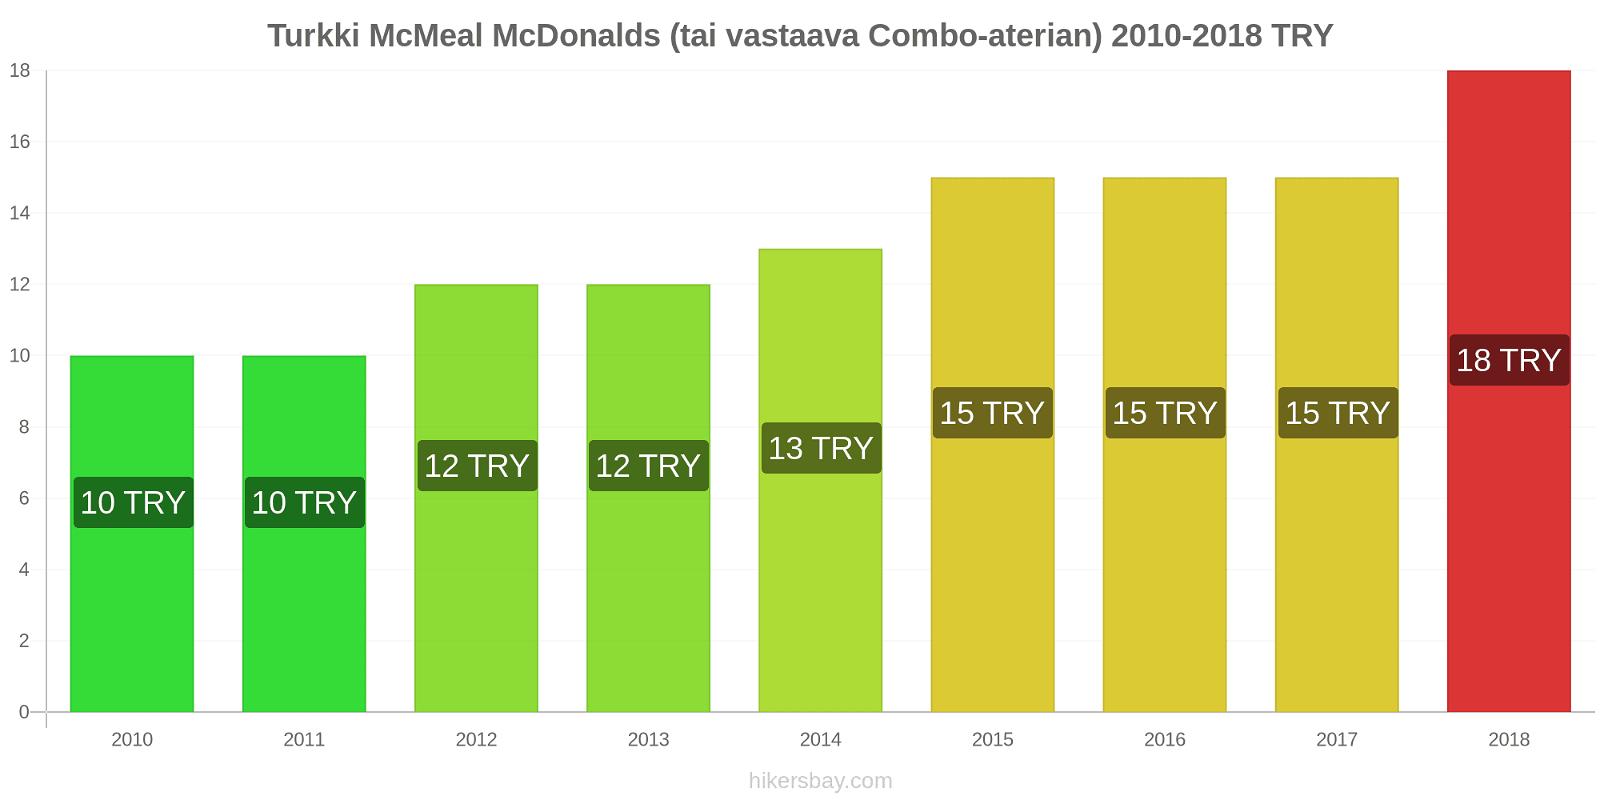 Turkki hintojen muutokset McMeal McDonalds (tai vastaava Combo-aterian) hikersbay.com